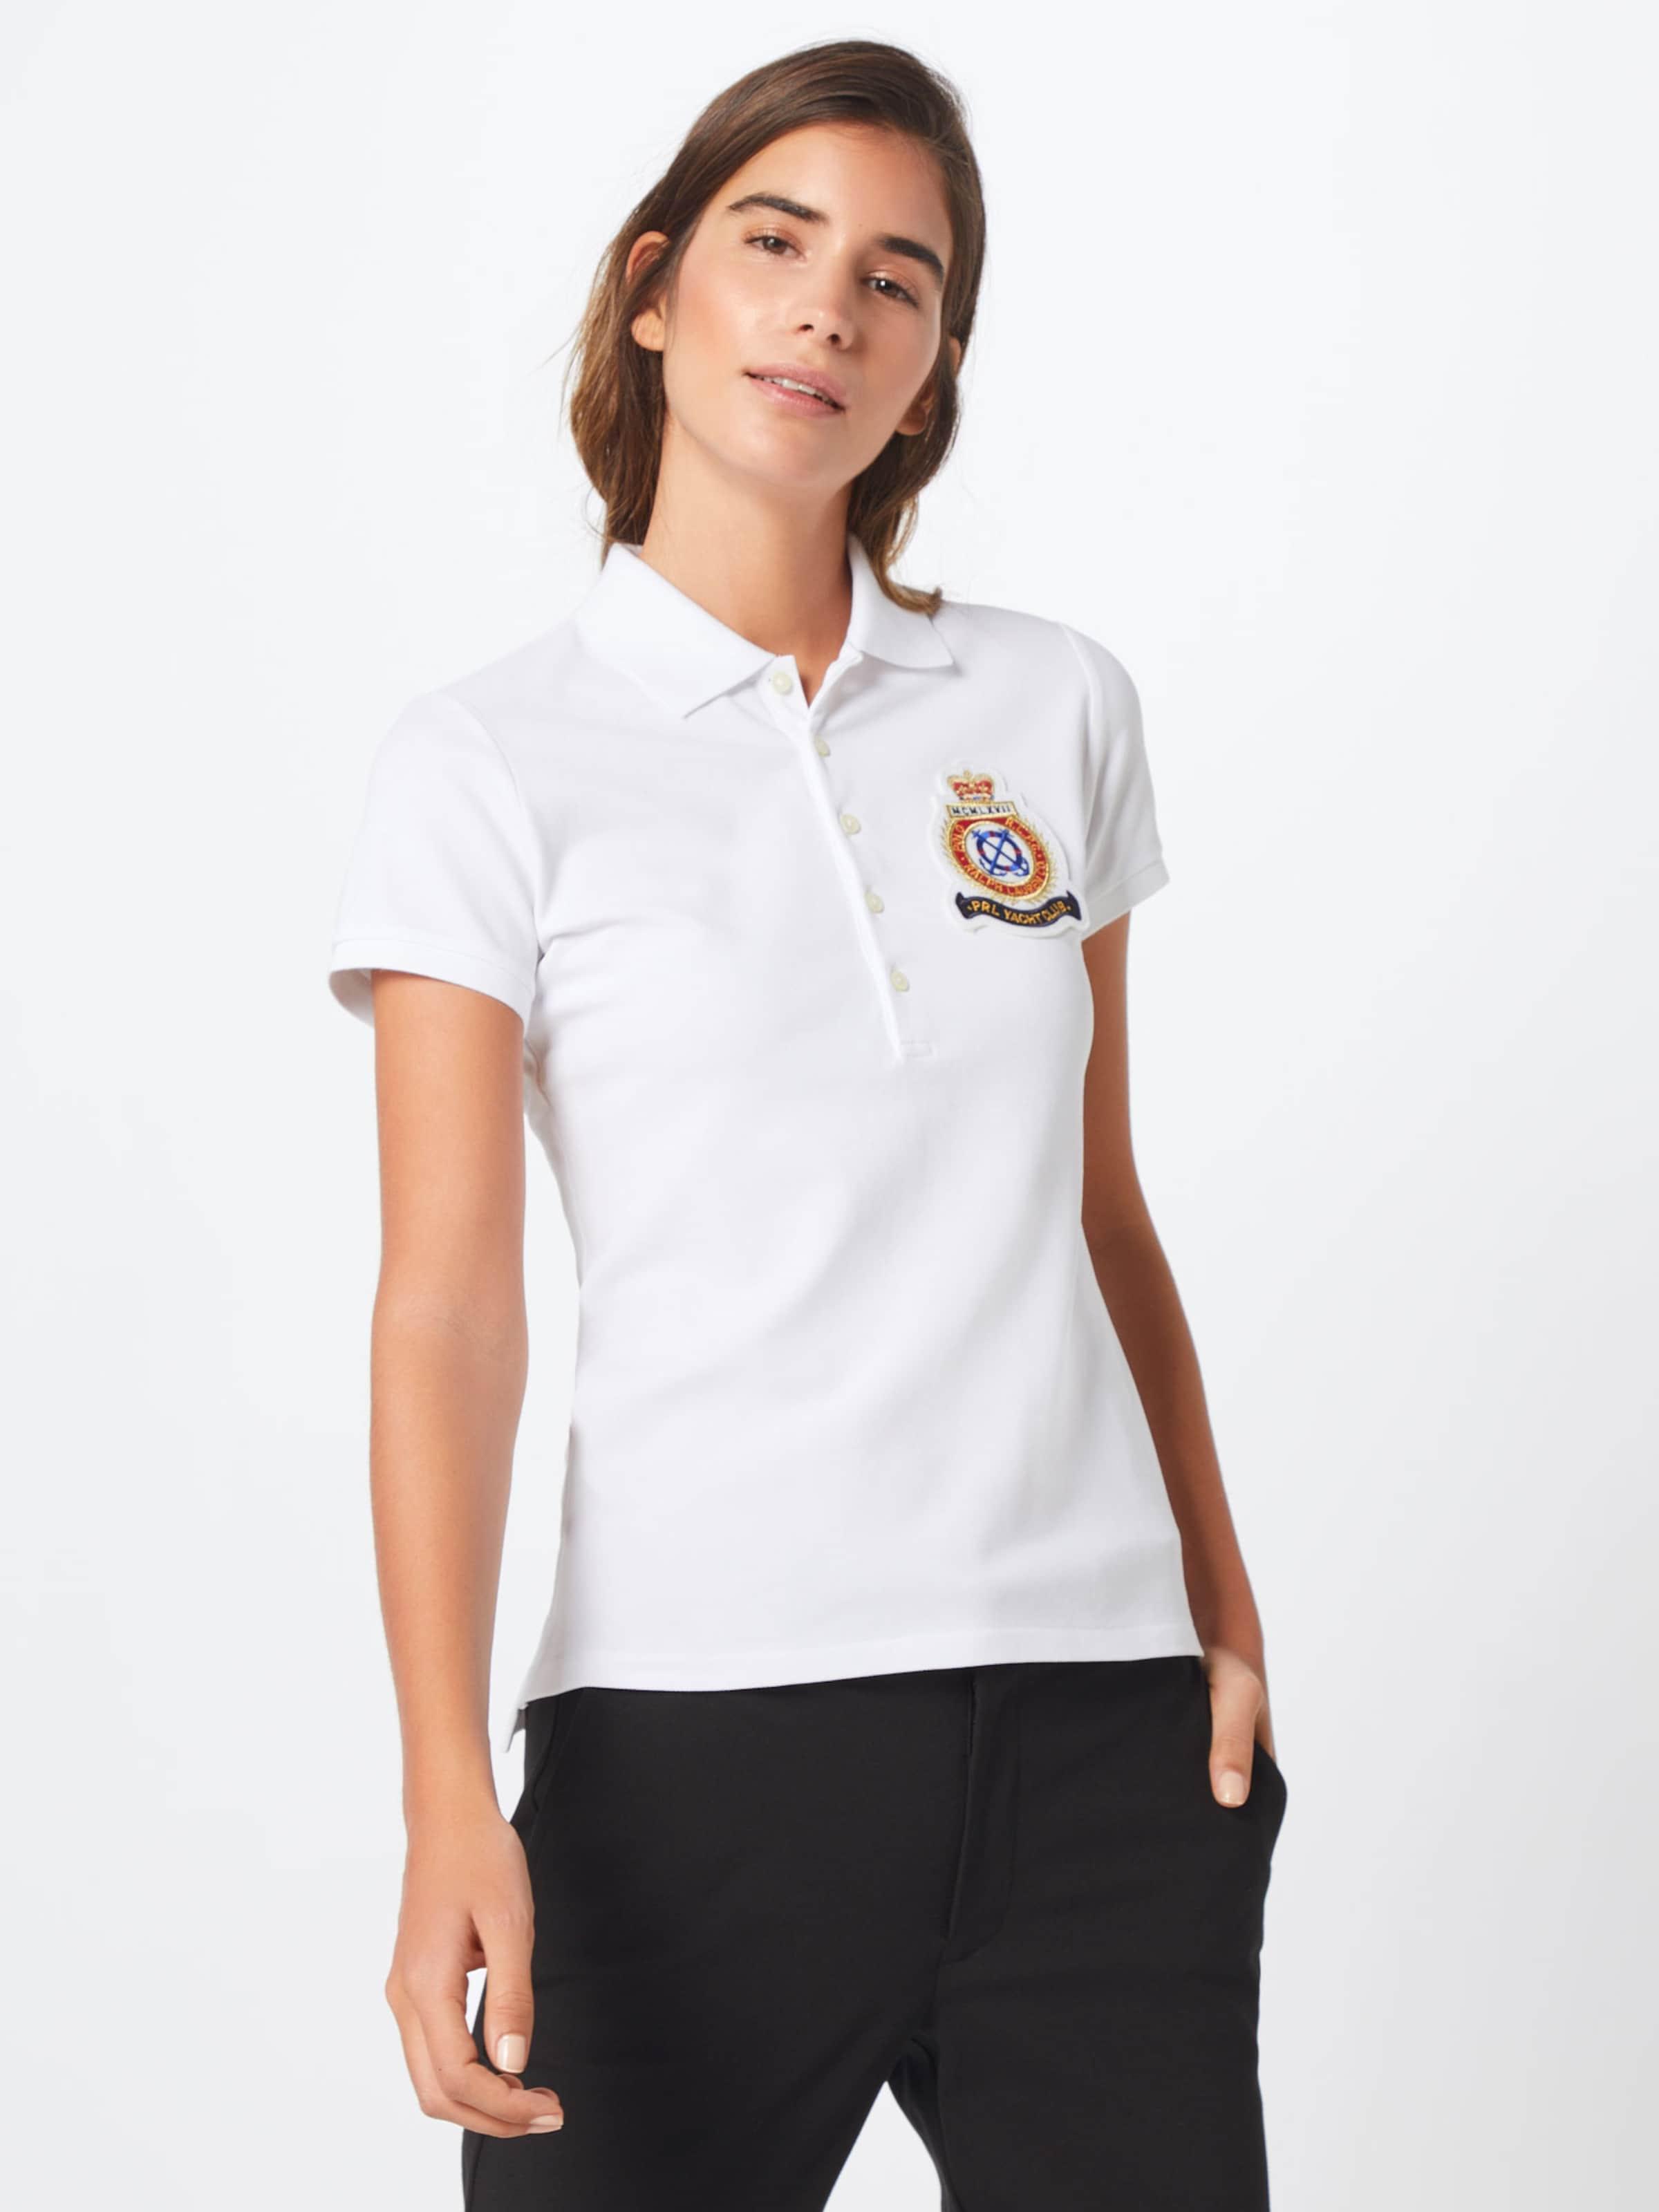 Polo W Ralph Blanc shirt T En Lauren 'julie Crst' hsdtQCrx